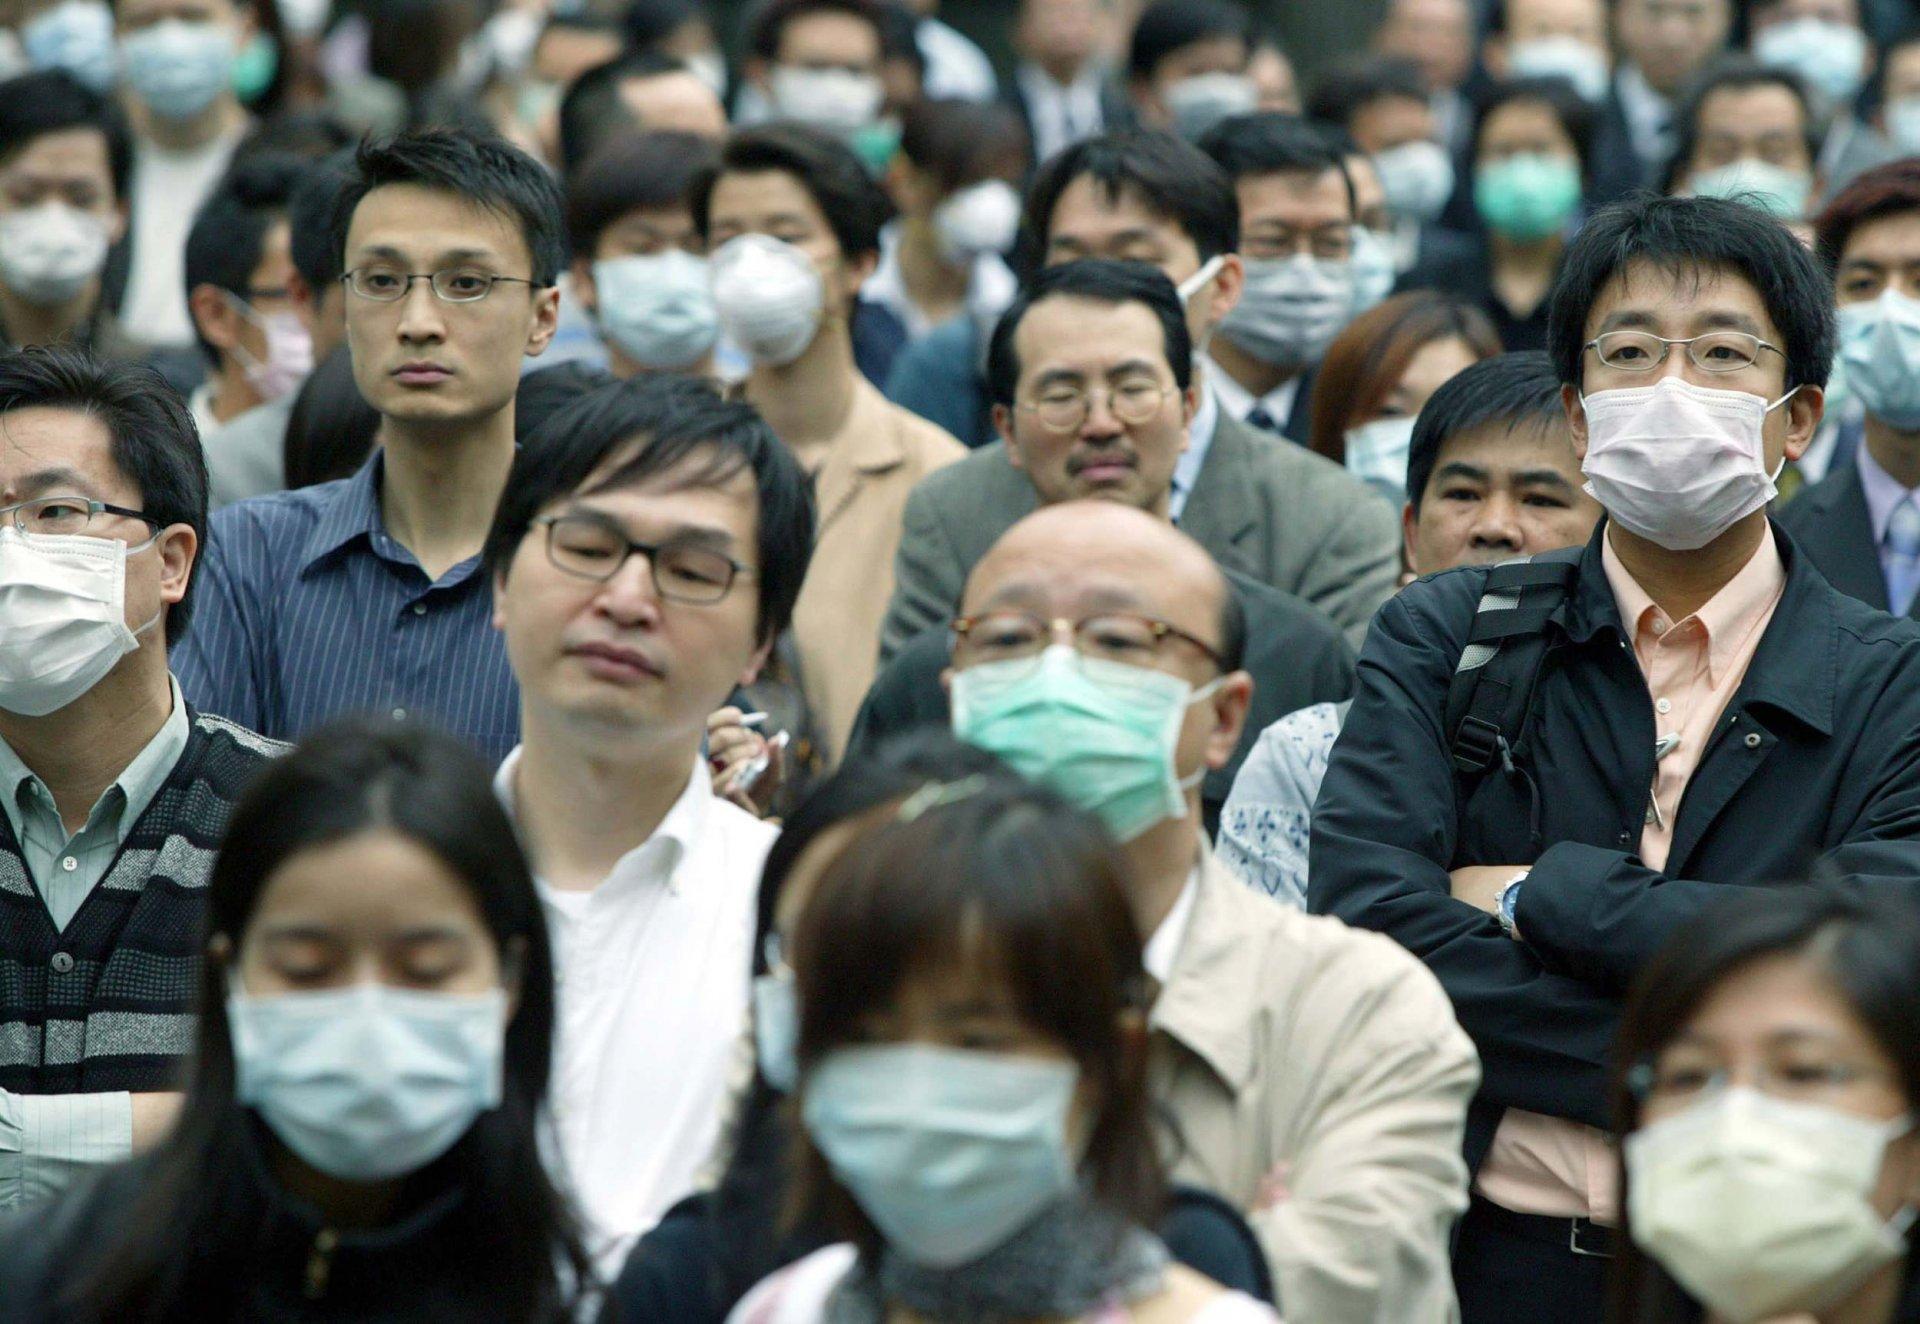 Хятад улсад коронавирусын халдвараар гурван хүн нас барж, 140 шинэ тохиолдол бүртгэгдлээ